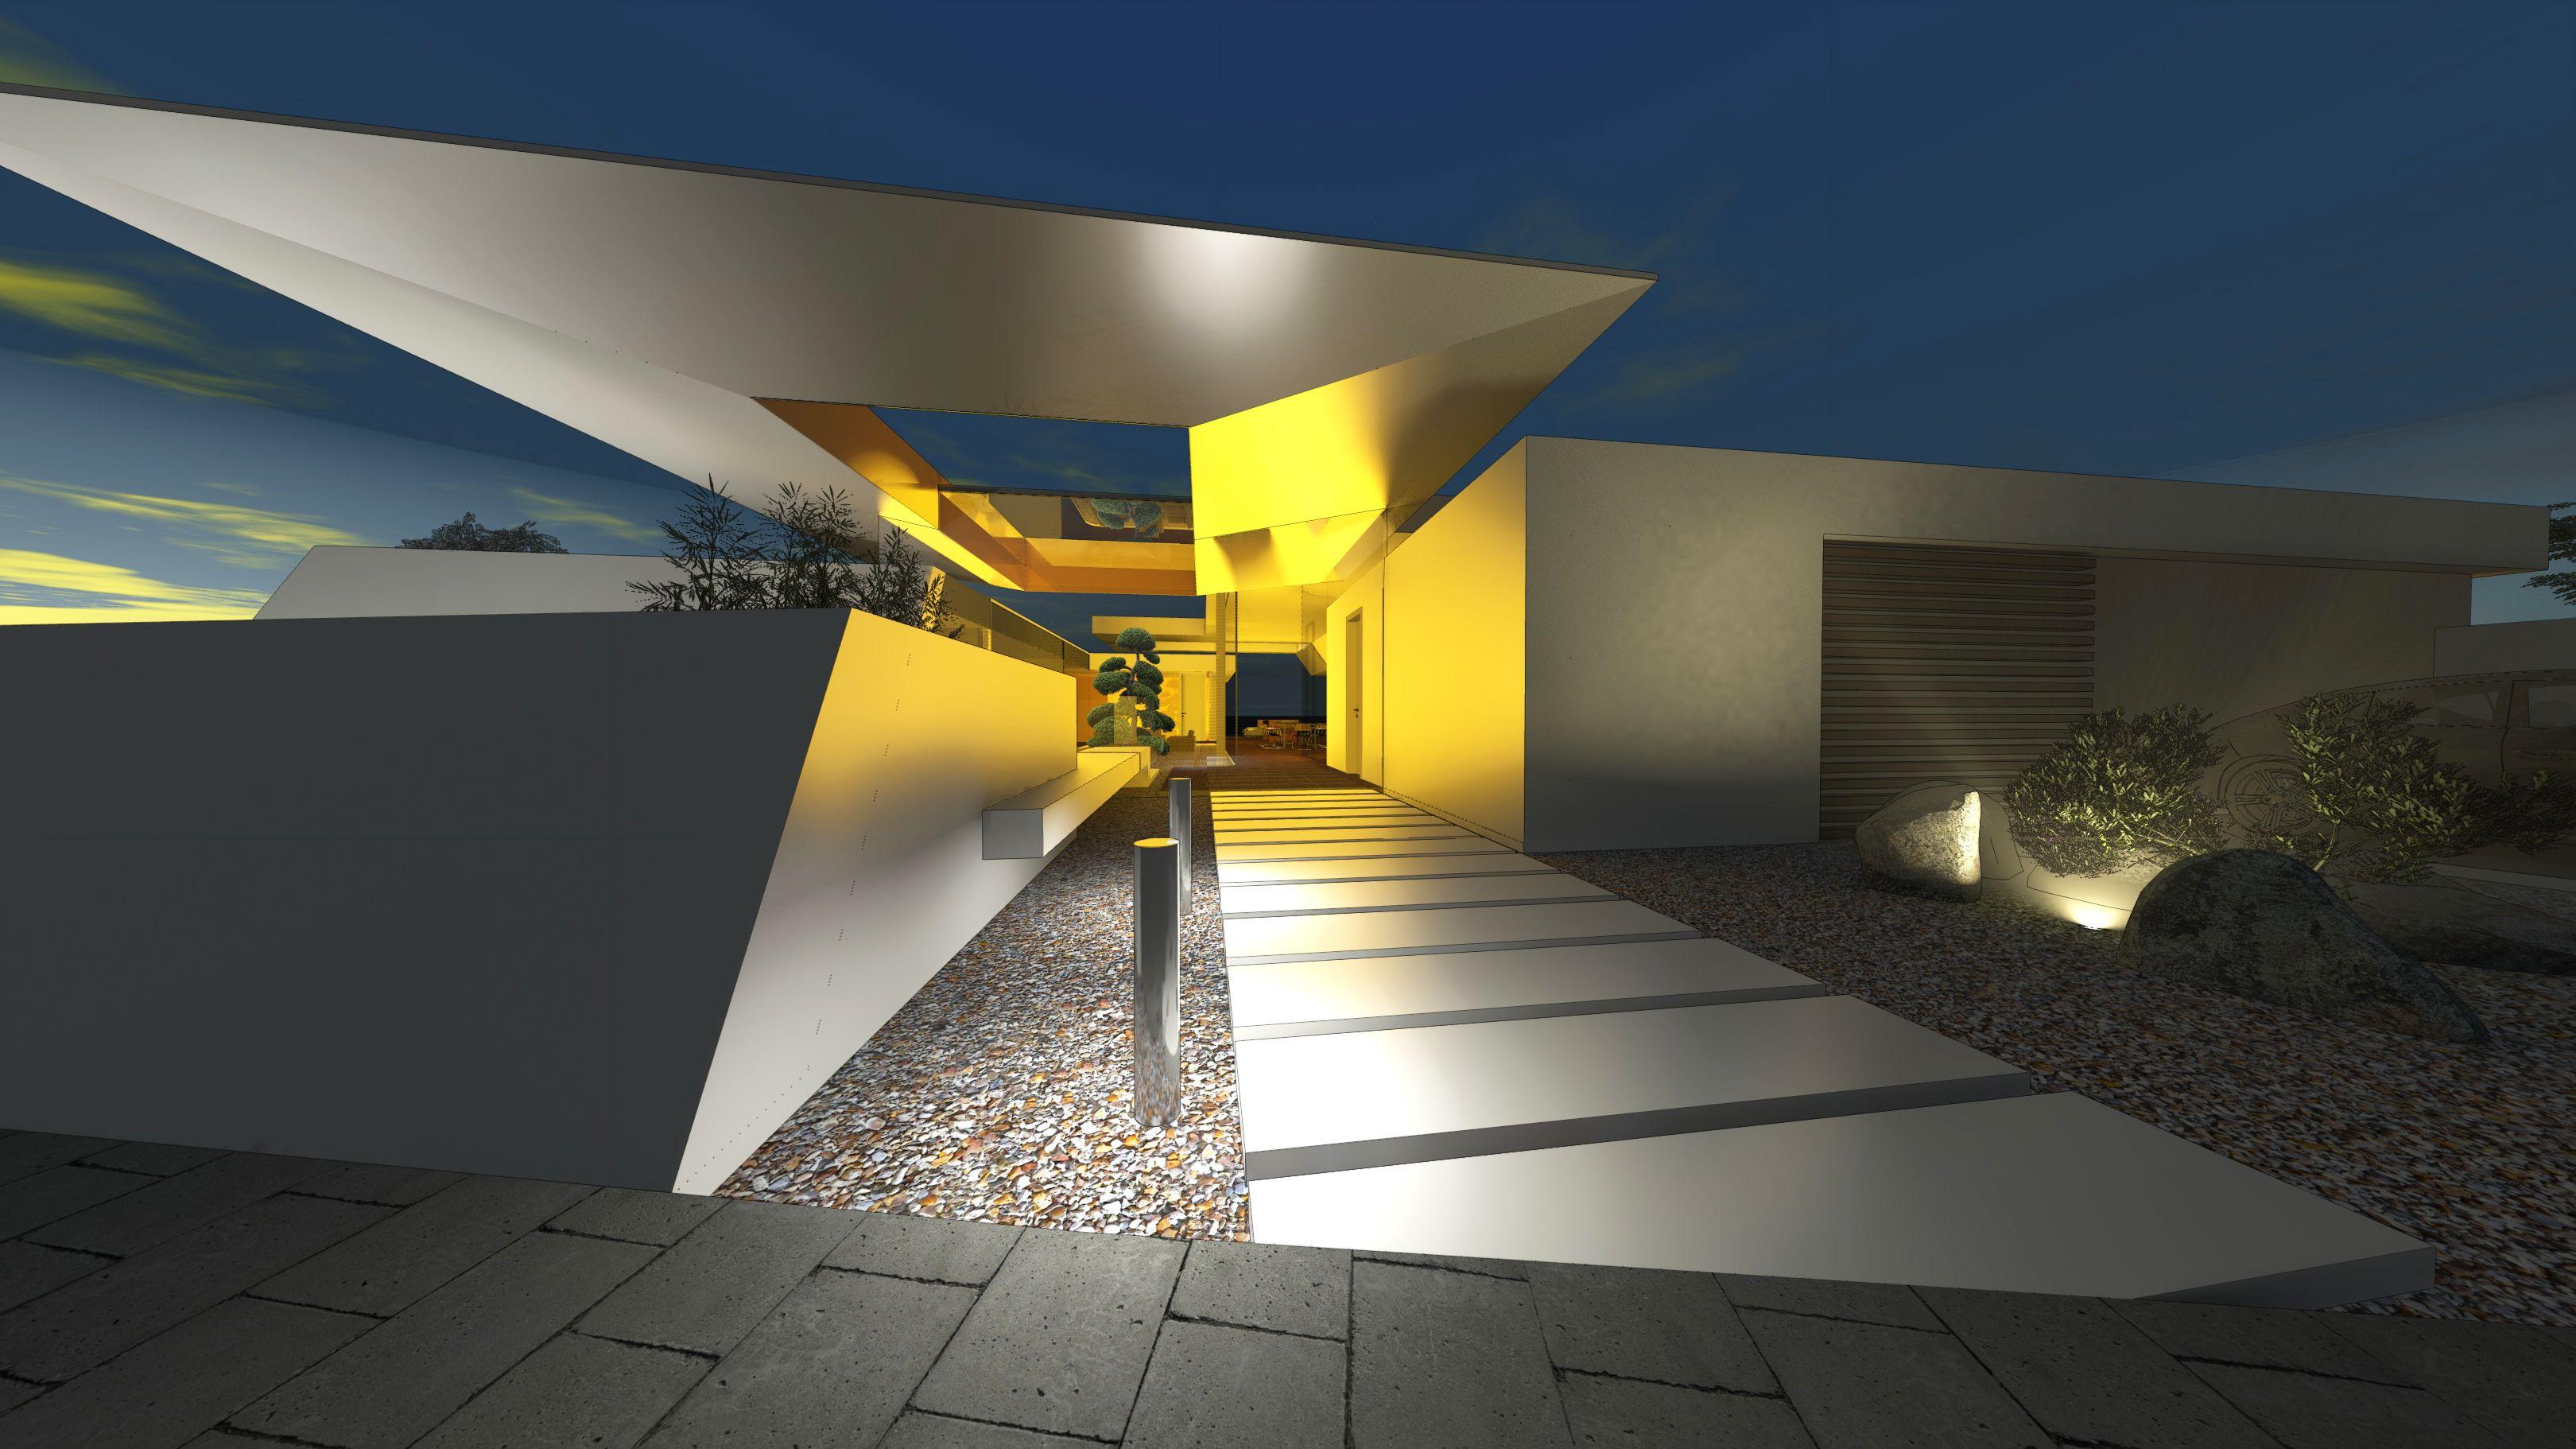 Avantgarde architektenhaus mit expressiver eingangs berdachung dynamische formensprache mit - Dynamische architektur ...